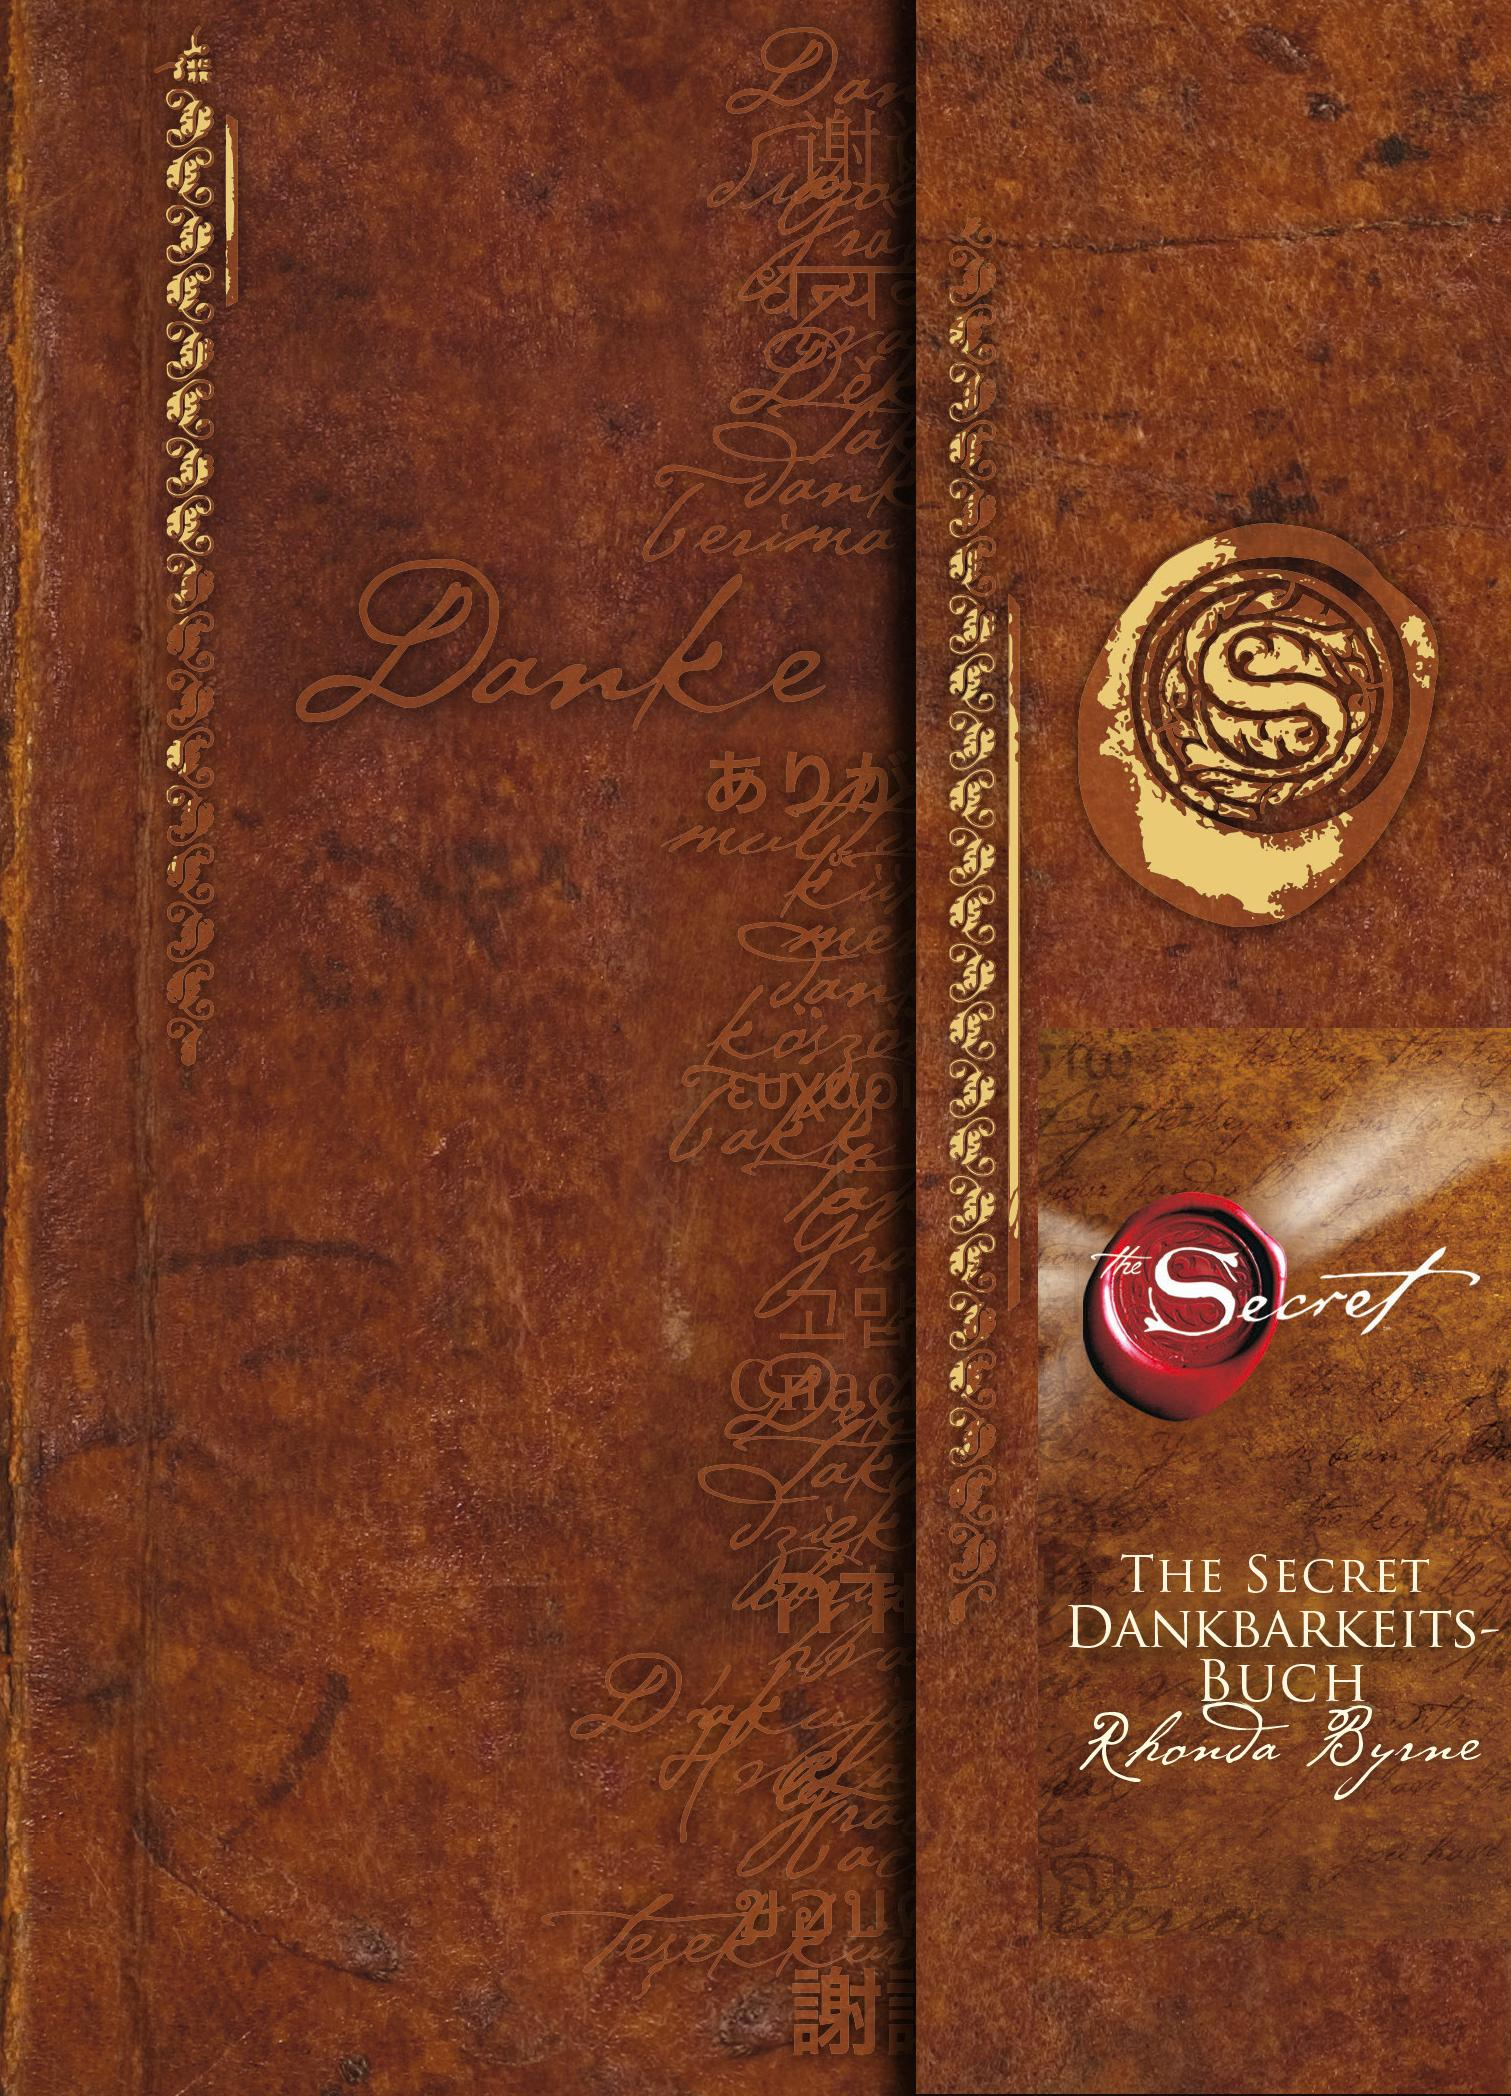 The Secret - Dankbarkeitsbuch Rhonda Byrne Buch Deutsch